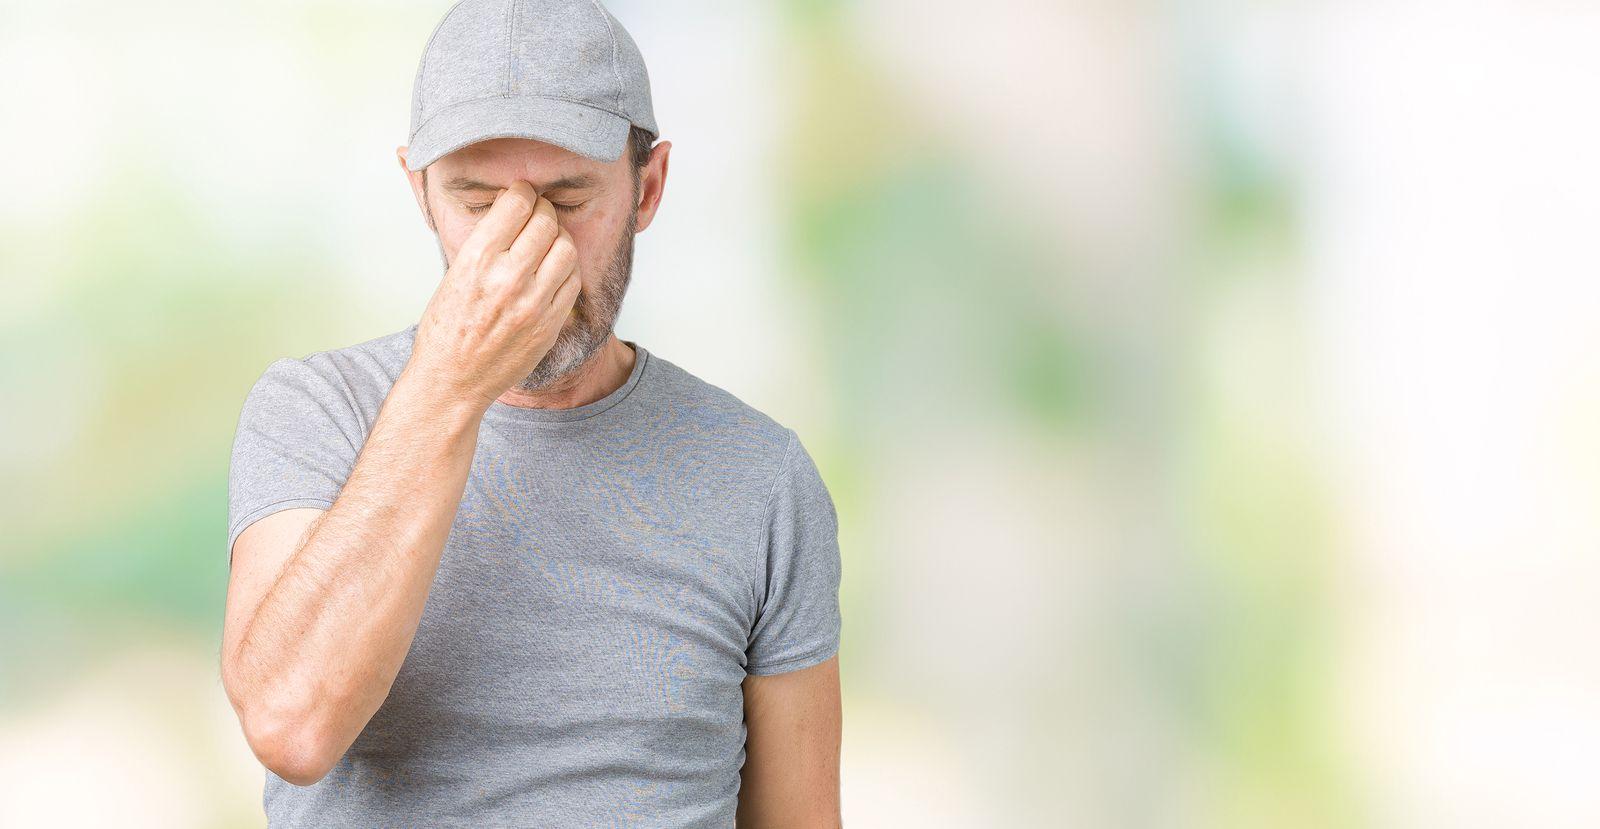 Por Qué Es Importante Aumentar La Capacidad Pulmonar